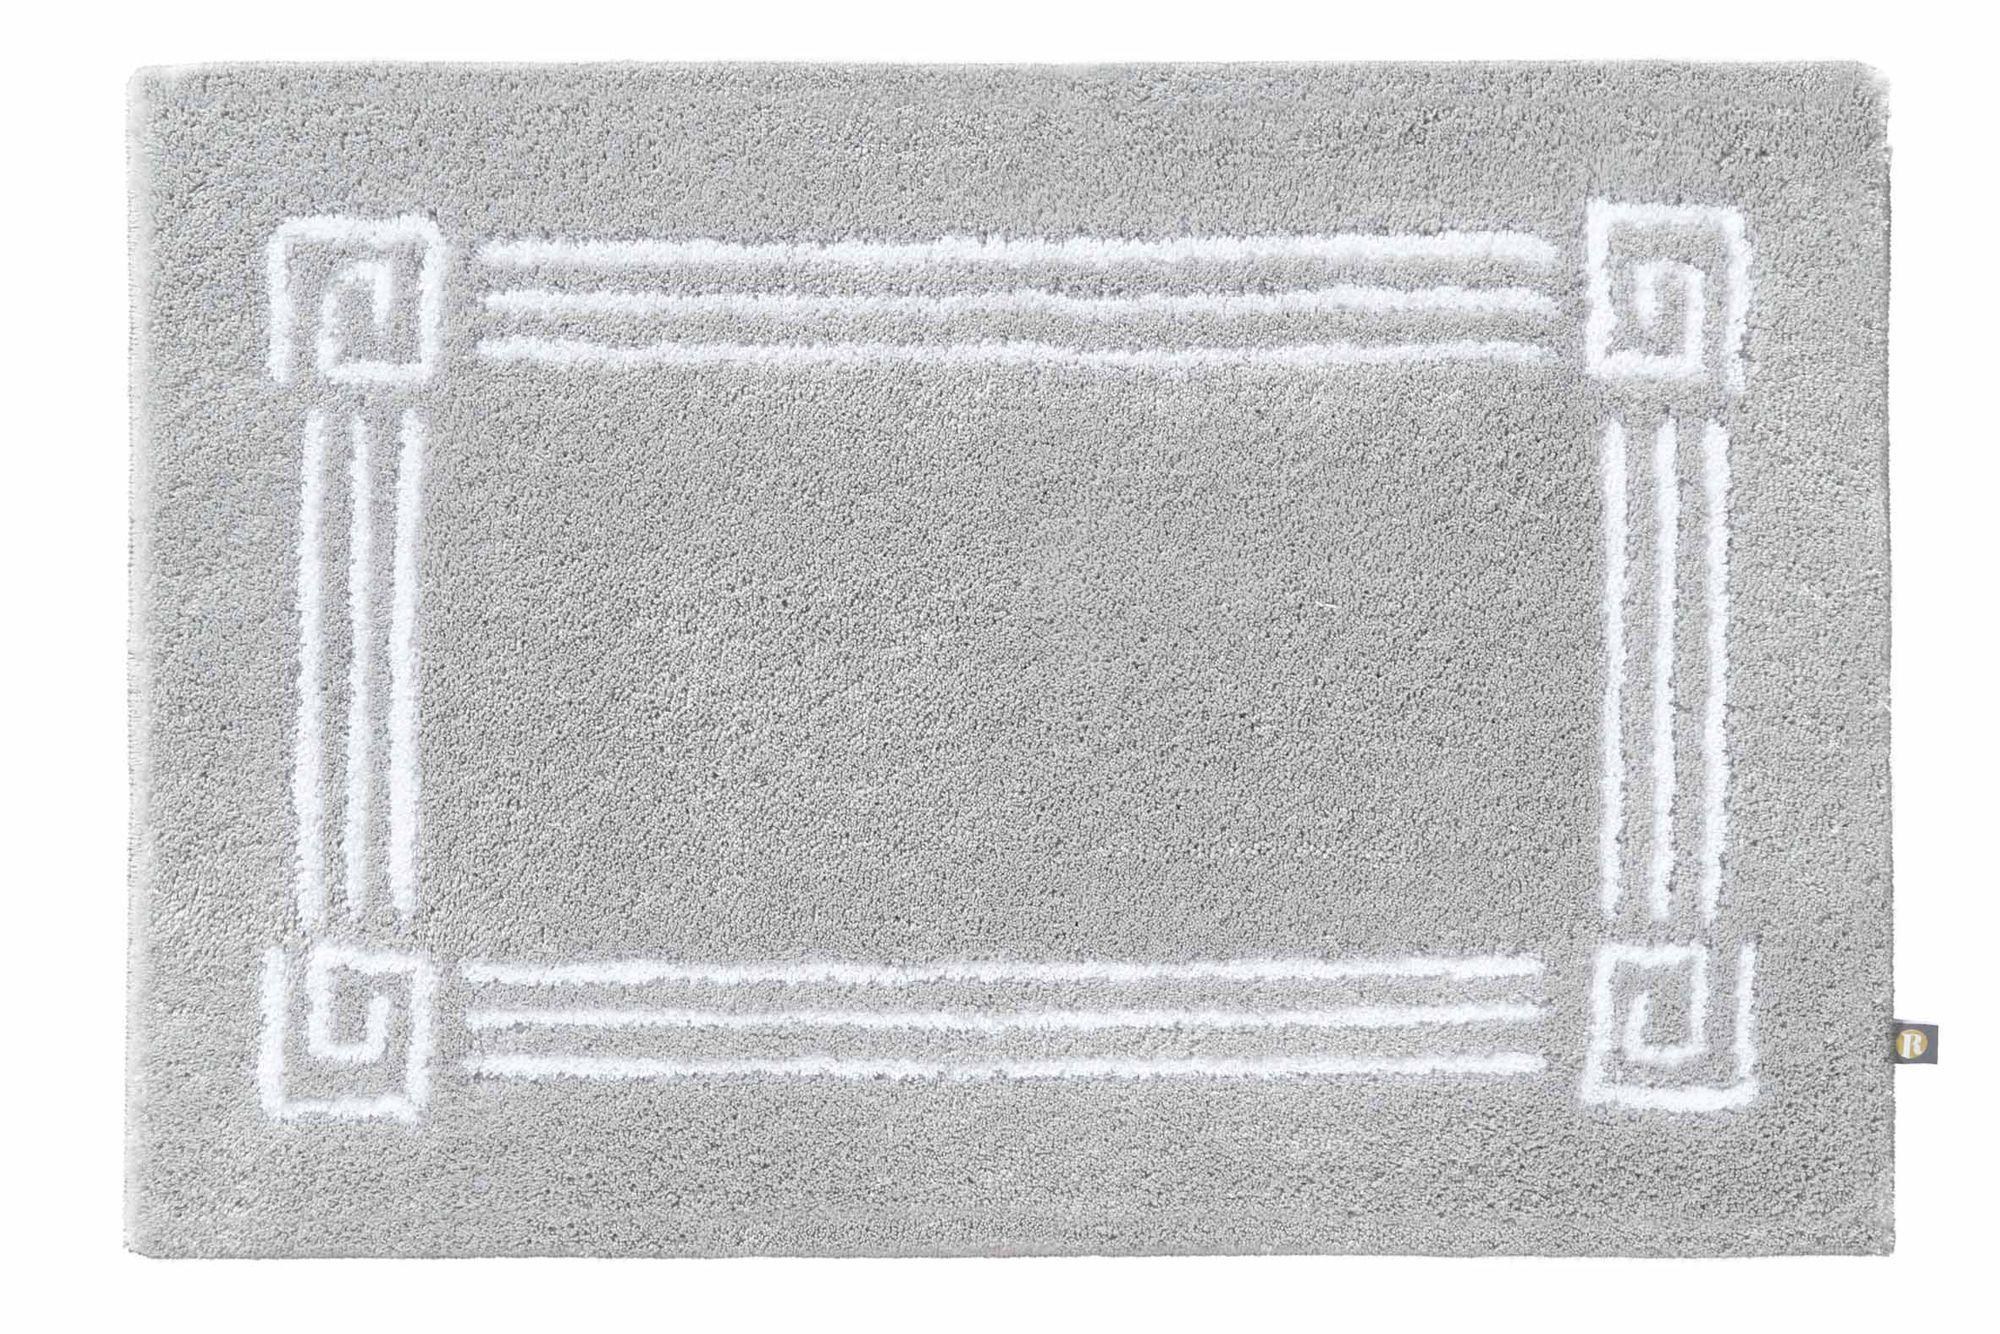 rhomtuft badteppich nach ma olymp mit gold oder silberlurex. Black Bedroom Furniture Sets. Home Design Ideas